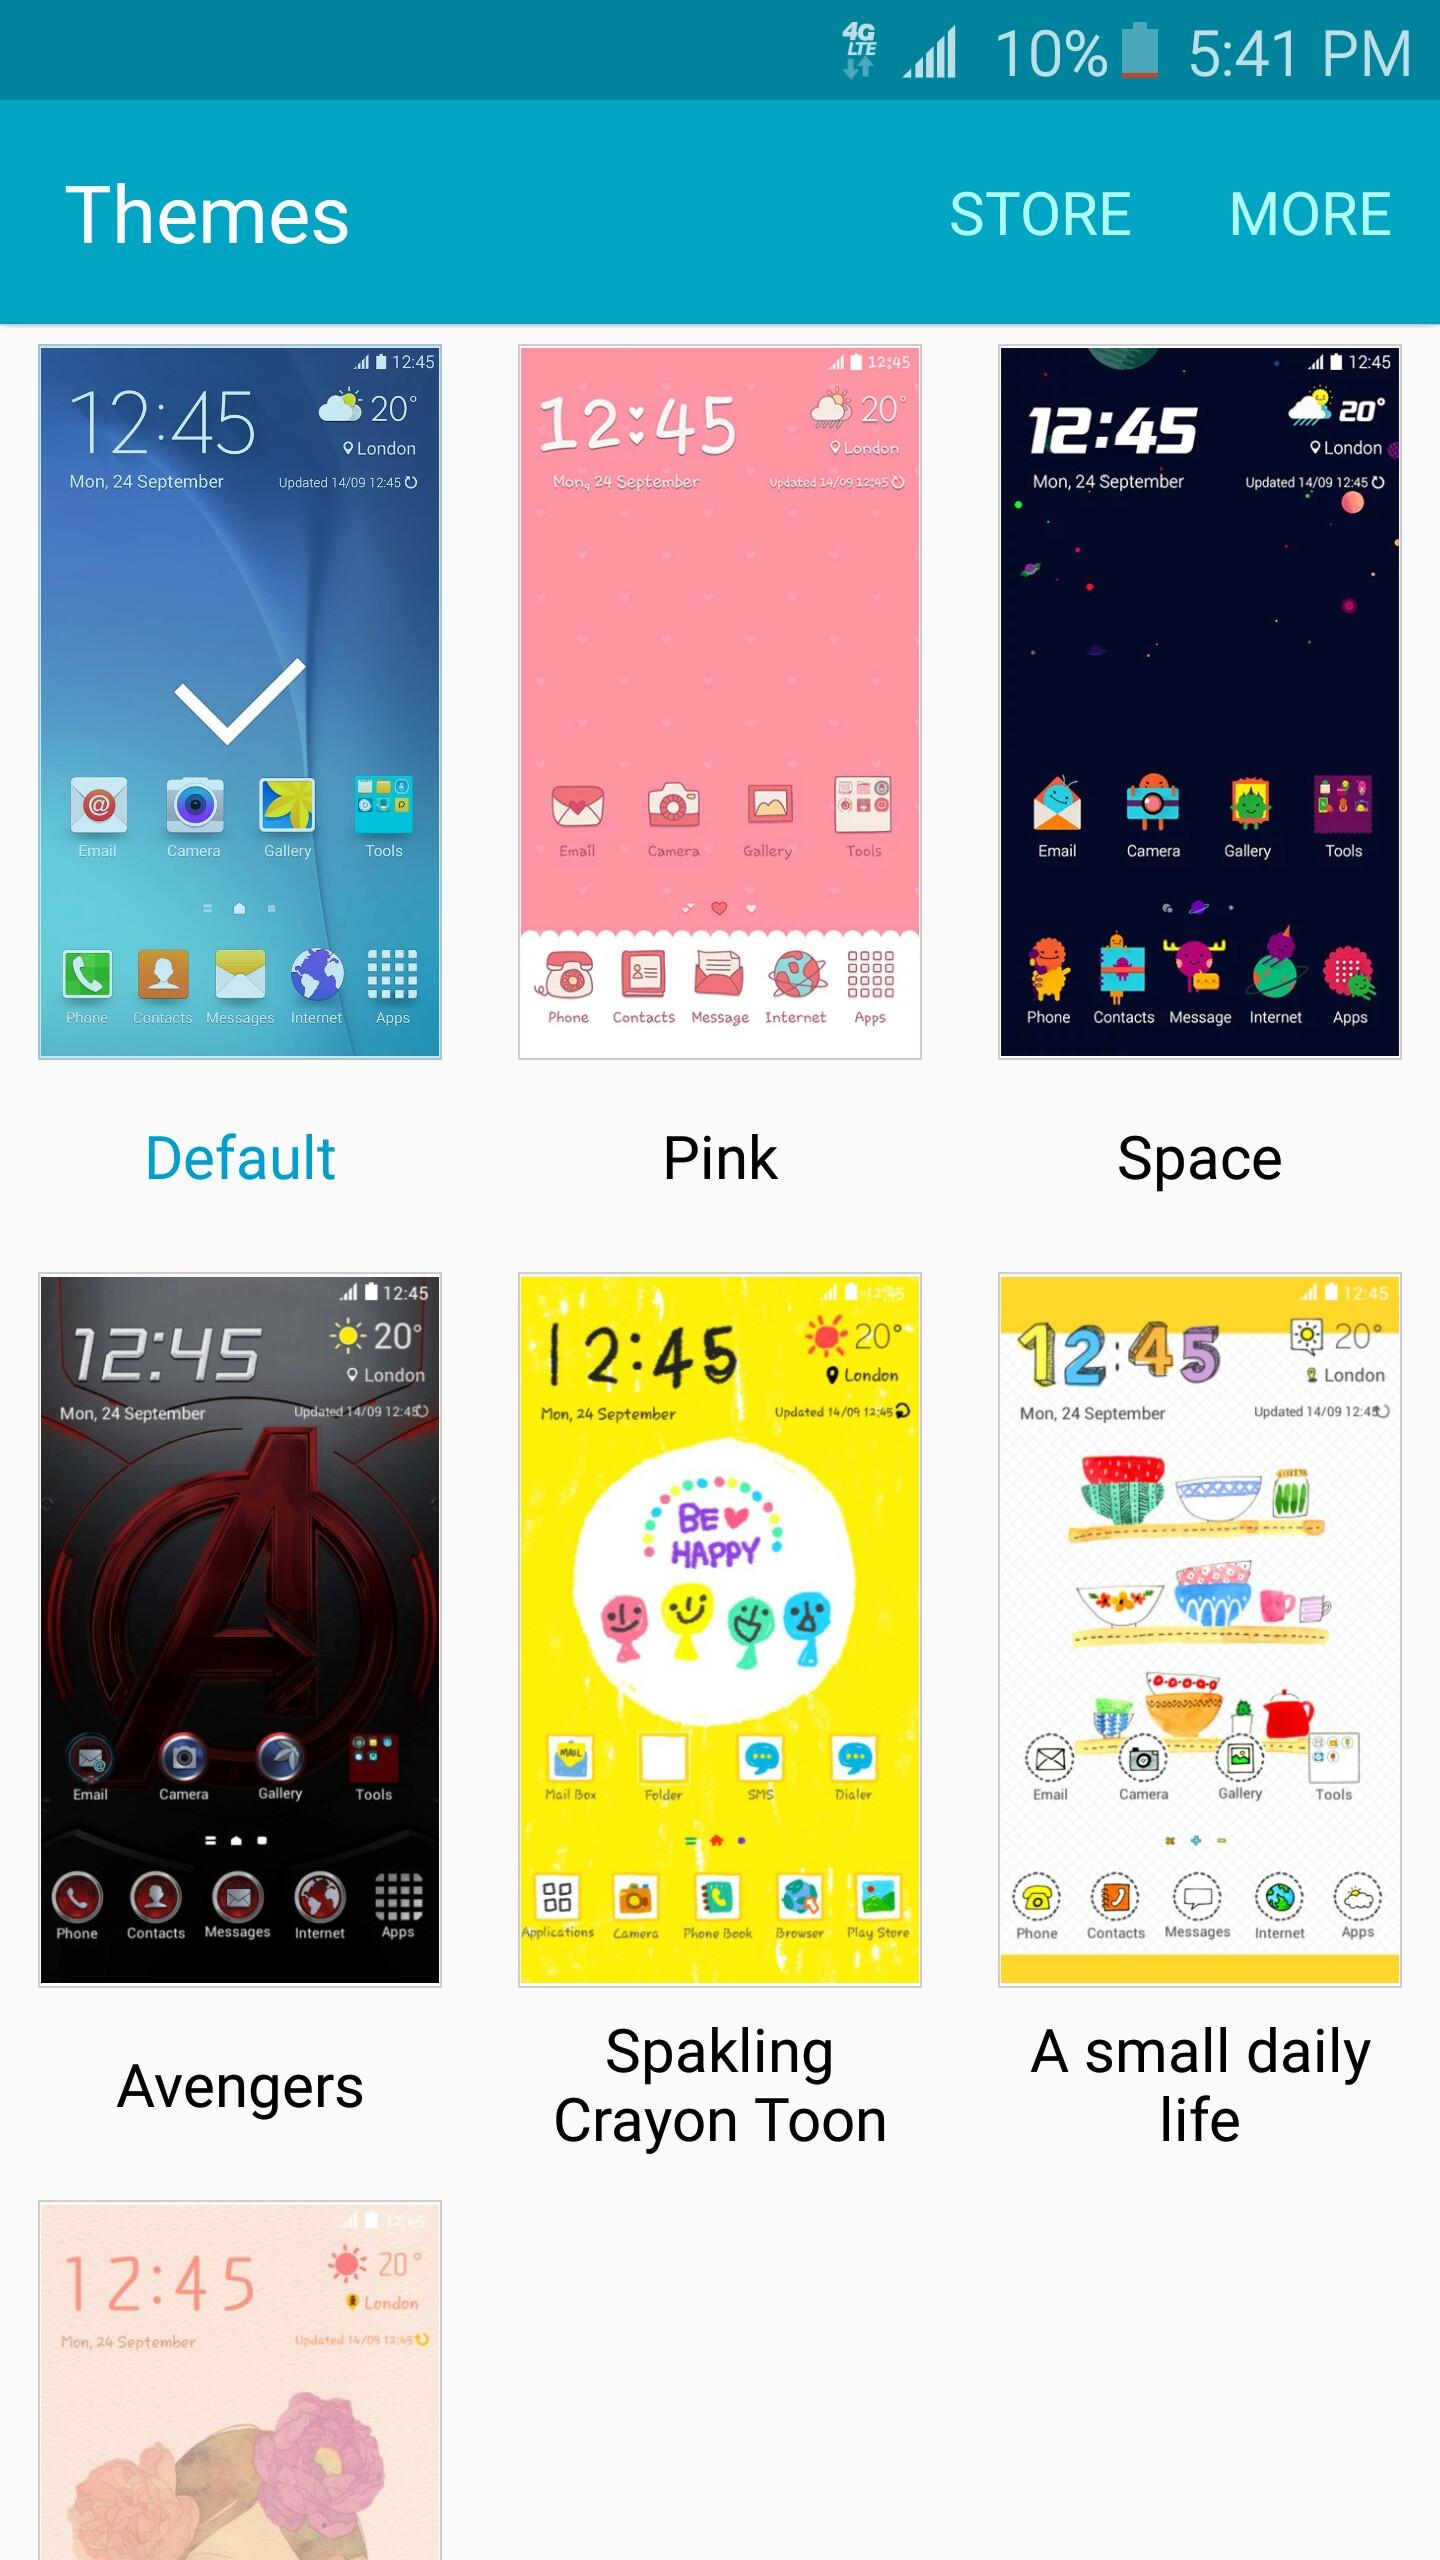 Samsung Will Make Creating And Sharing Original Galaxy S6